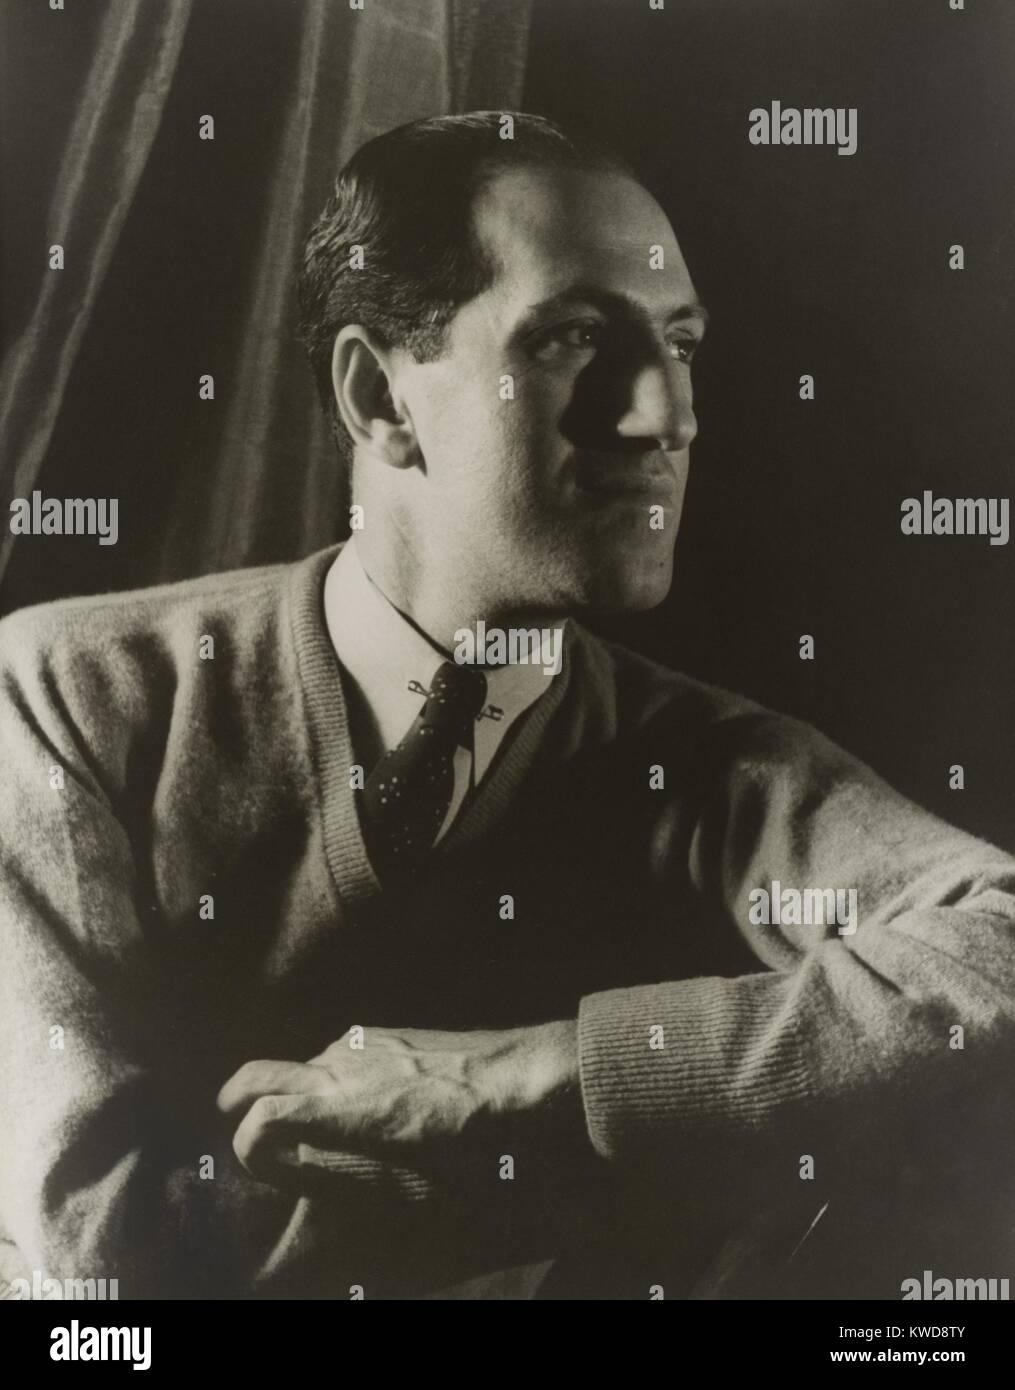 George Gershwin, compositor norteamericano, retrato de Carl Van Vechten, 28 de marzo de 1937. Su música ha aparecido Foto de stock